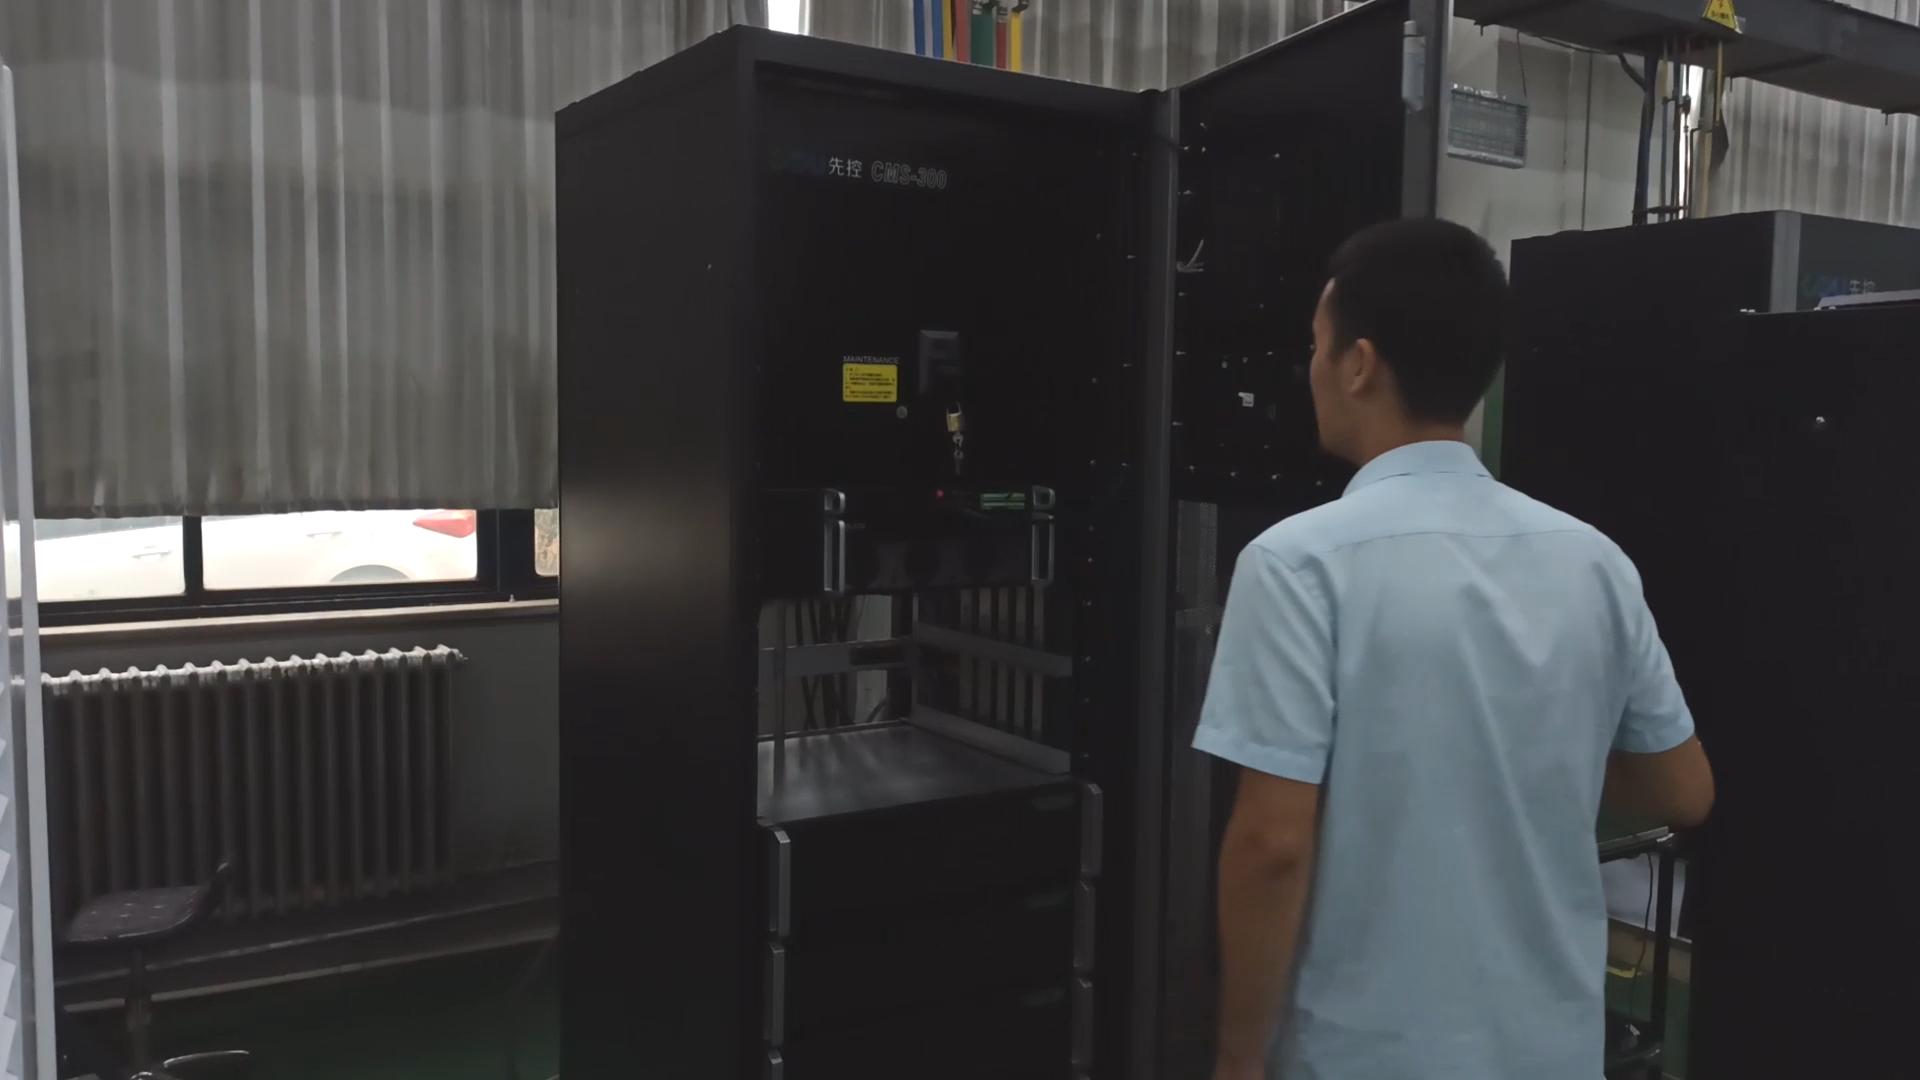 מערכת אספקת חשמל רציפה עליות 250kva עבור ups מחיר תעשייתי